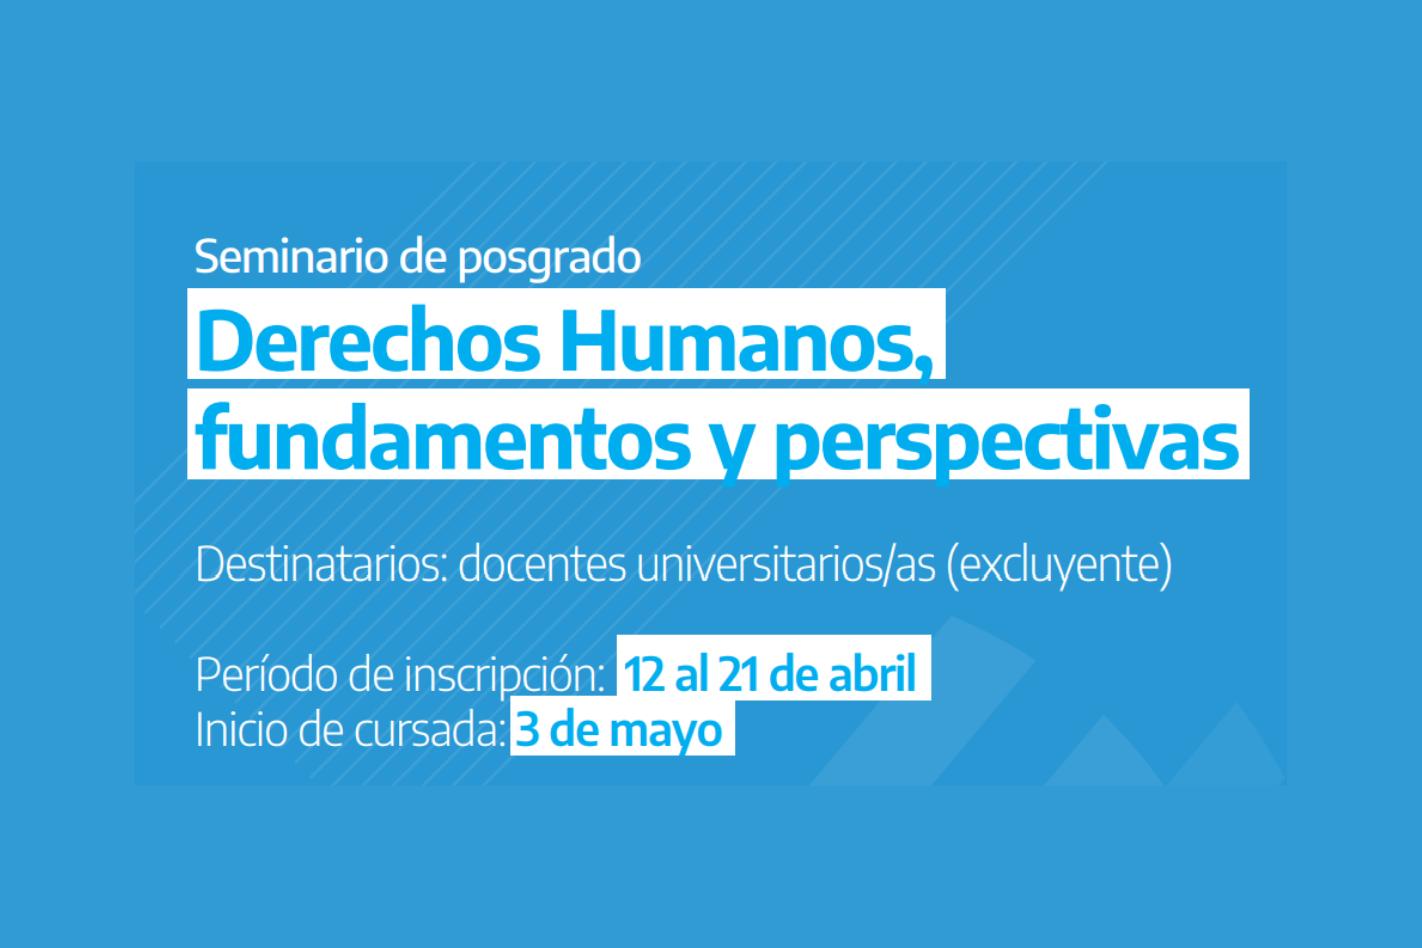 Seminario de posgrado para Docentes - Derechos Humanos, fundamentos y perspectivas